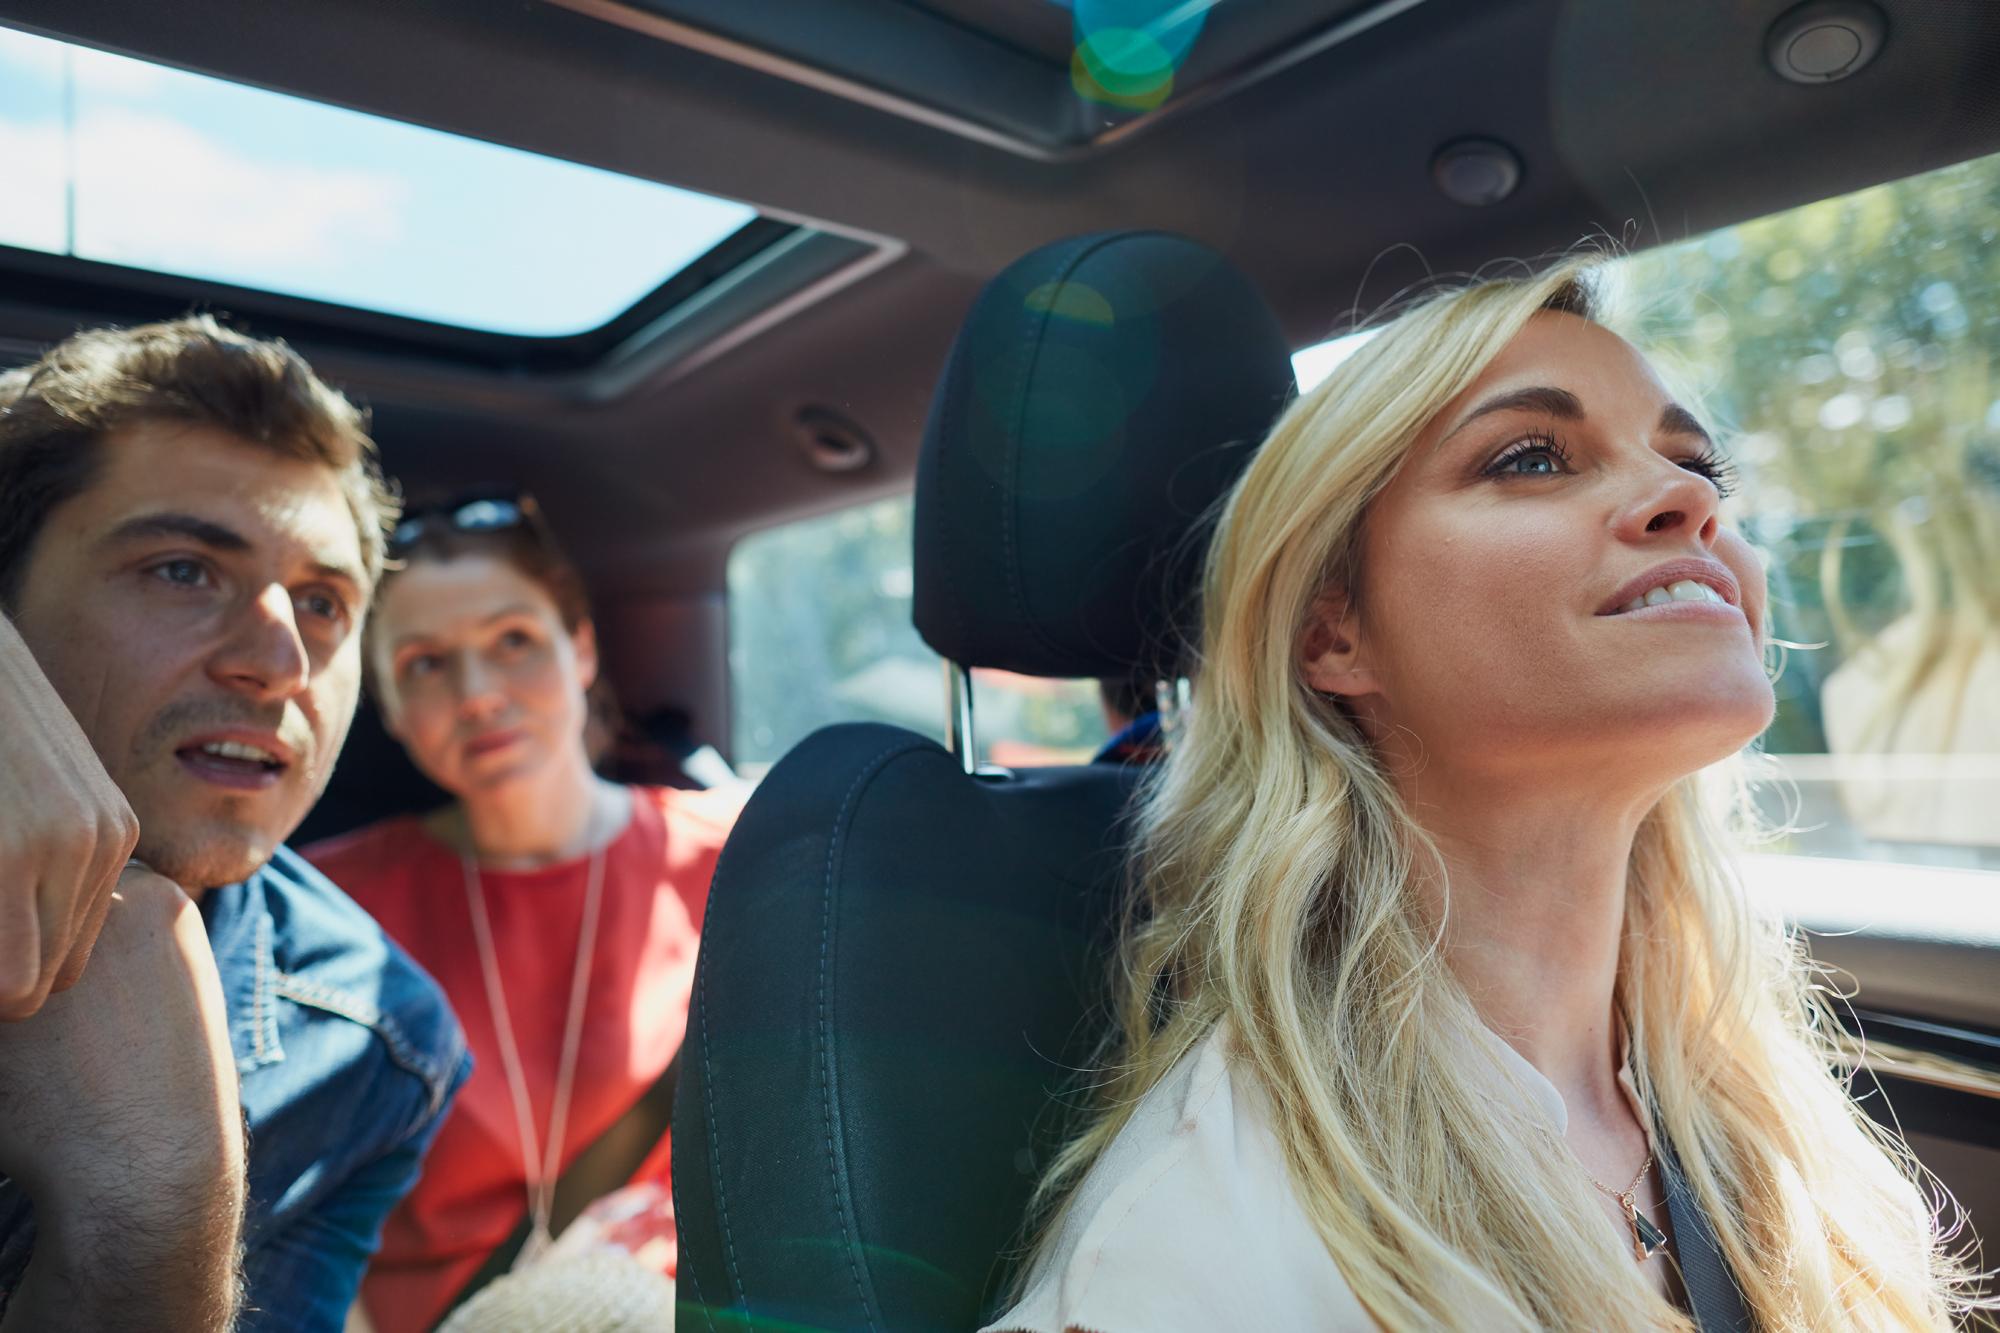 Rientri di Natale a prezzi shock. Boom di prenotazioni su BlaBlaCar per le tratte Nord-Sud.